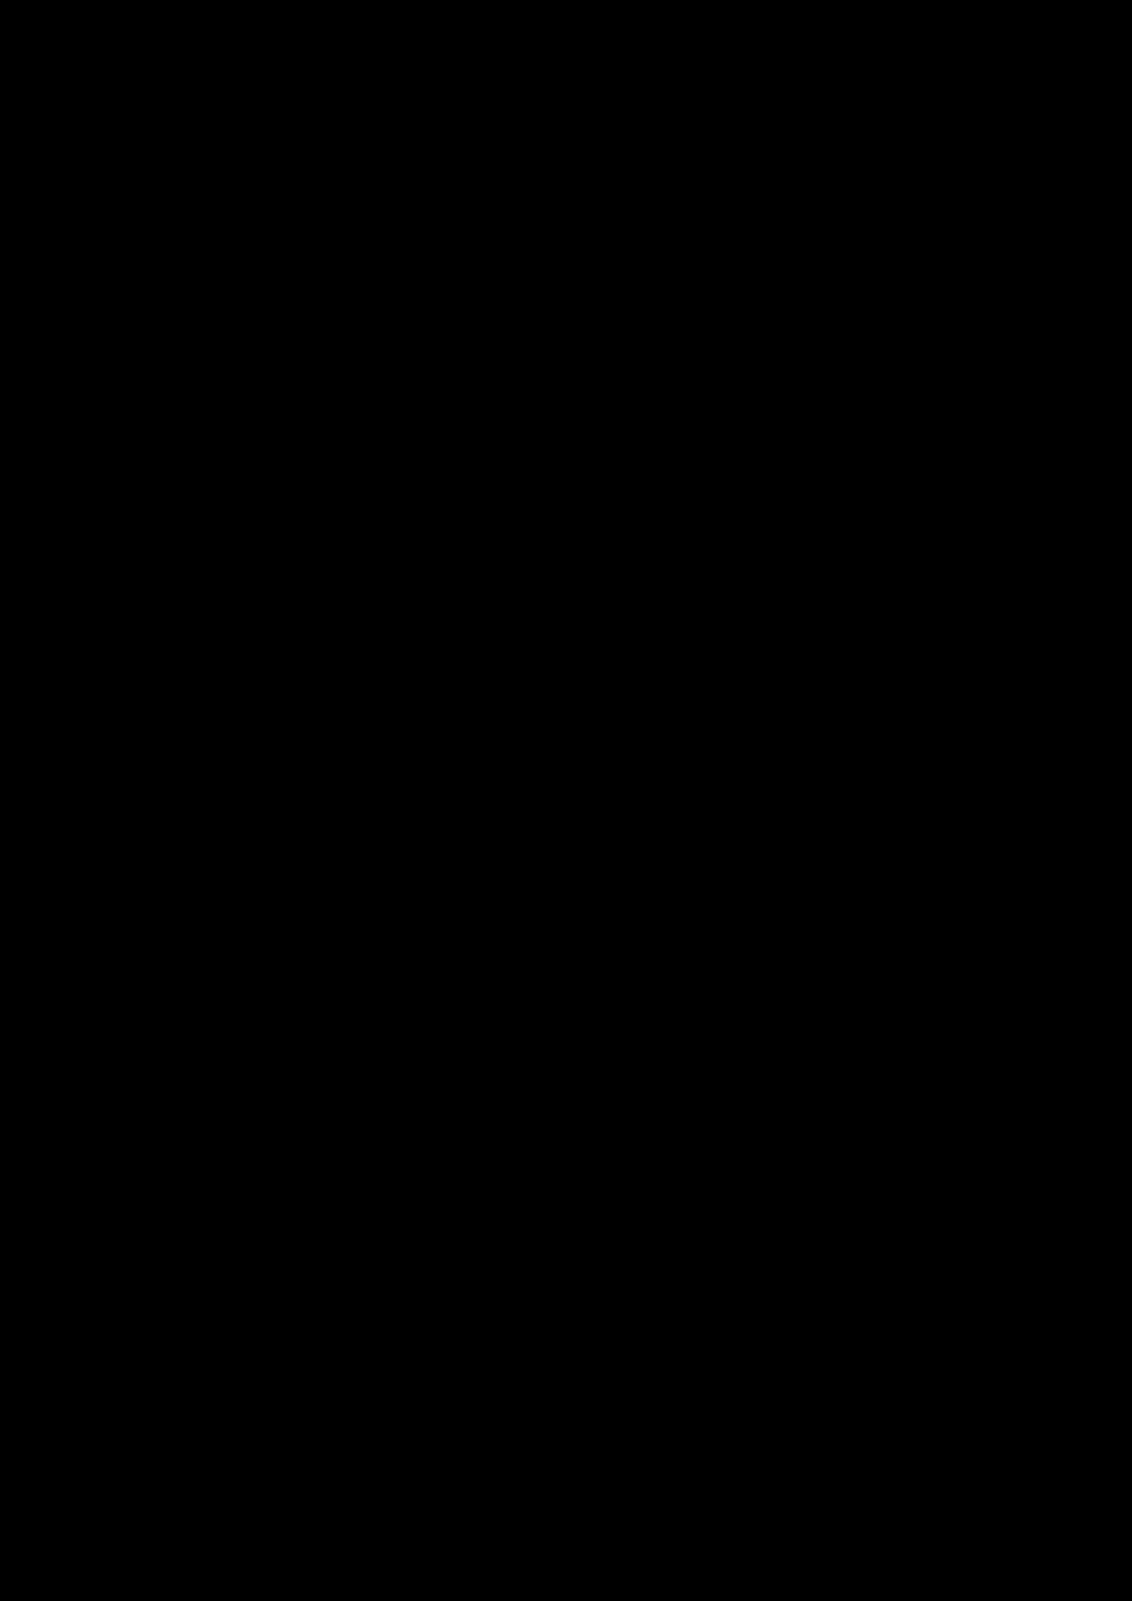 Zagadka volshebnoy stranyi slide, Image 23